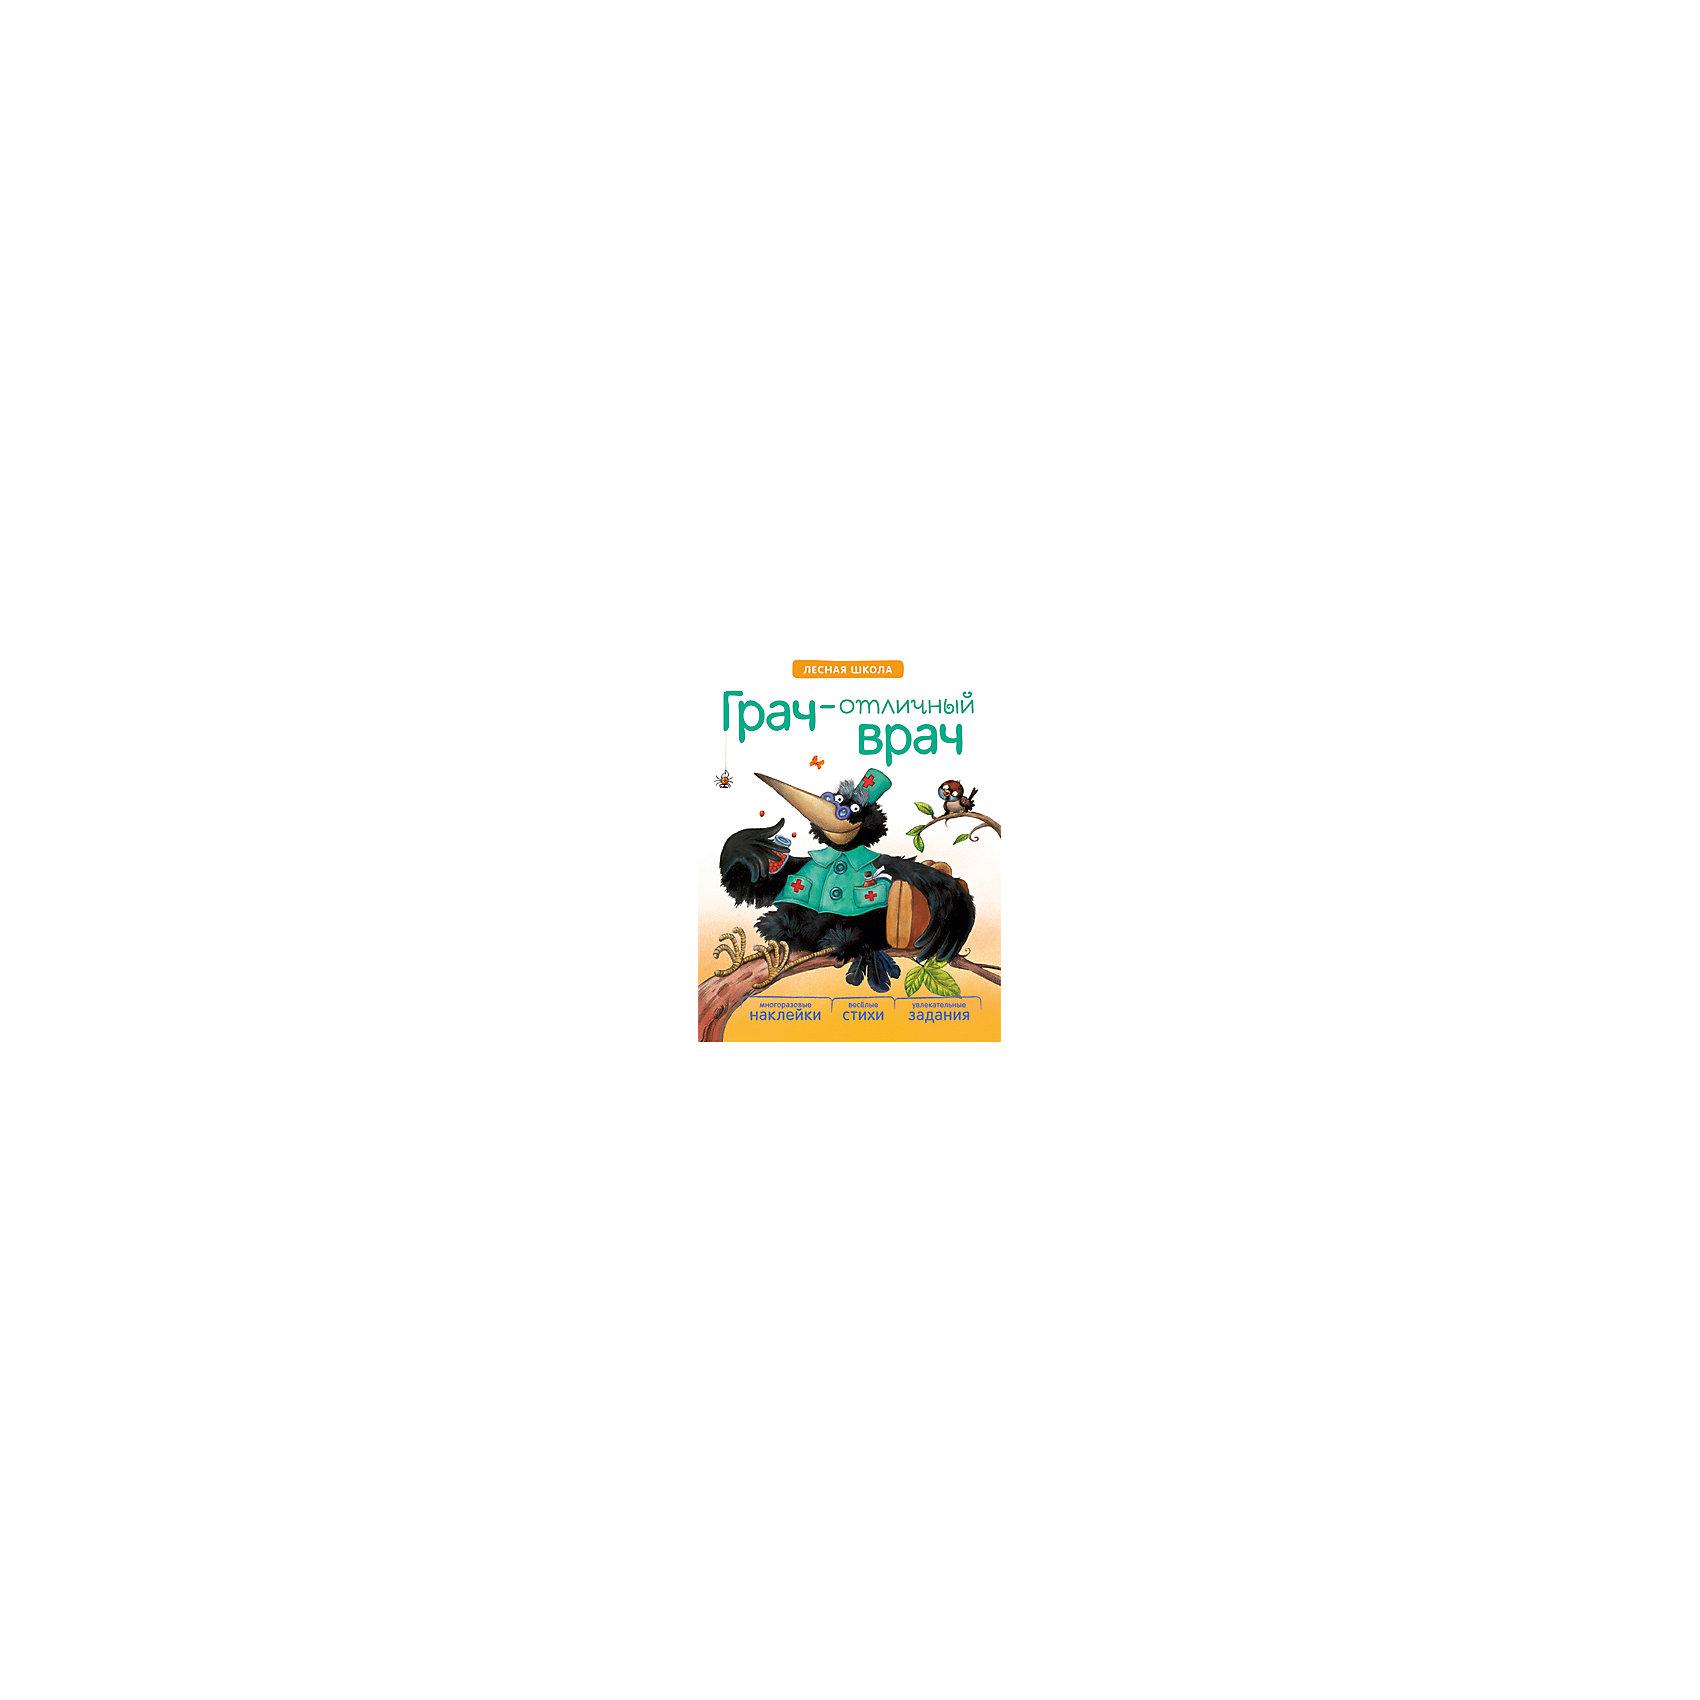 Лесная школа: Грач — отличный врачСтихи<br>Книга «Лесная школа: Грач — отличный врач»<br><br>Характеристики:<br>• издательство: Мозаика-Синтез;<br>• размер: 20х26 см.;<br>• количество страниц: 18;<br>• тип обложки: мягкая;<br>• иллюстрации: цветные;<br>• ISBN: 9785431508882;<br>• вес: 96 г.;<br>• для детей в возрасте: от 4 до 7 лет;<br>• страна производитель: Россия.<br>Развивающая книжка с наклейками из серии «Лесная школа» предназначена для занятий с детьми и раскрытия профессии врач. Книга с яркими рисунками на всю страницу наполнена стихотворениями, интересными заданиями и подразумевает использование наклеек из комплекта. Интересная история о Граче-враче позволит ребёнку принимать участие по ходу рассказа с помощью наклеек и заданий. Наклейки из набора качественно проработаны и могут быть наклеены несколько раз. Занимаясь с этой книжкой дети смогут развивать мелкую моторику рук, логическое мышление, чувство цвета, творческие способности. Слушая сказки и отвечая на вопросы дети развивают память, словарный запас, учатся правильно формировать и строить предложения, запоминают основные правила русского языка.<br>Книгу «Лесная школа: Грач — отличный врач» можно купить в нашем интернет-магазине.<br><br>Ширина мм: 20<br>Глубина мм: 195<br>Высота мм: 255<br>Вес г: 96<br>Возраст от месяцев: 48<br>Возраст до месяцев: 84<br>Пол: Унисекс<br>Возраст: Детский<br>SKU: 5562628